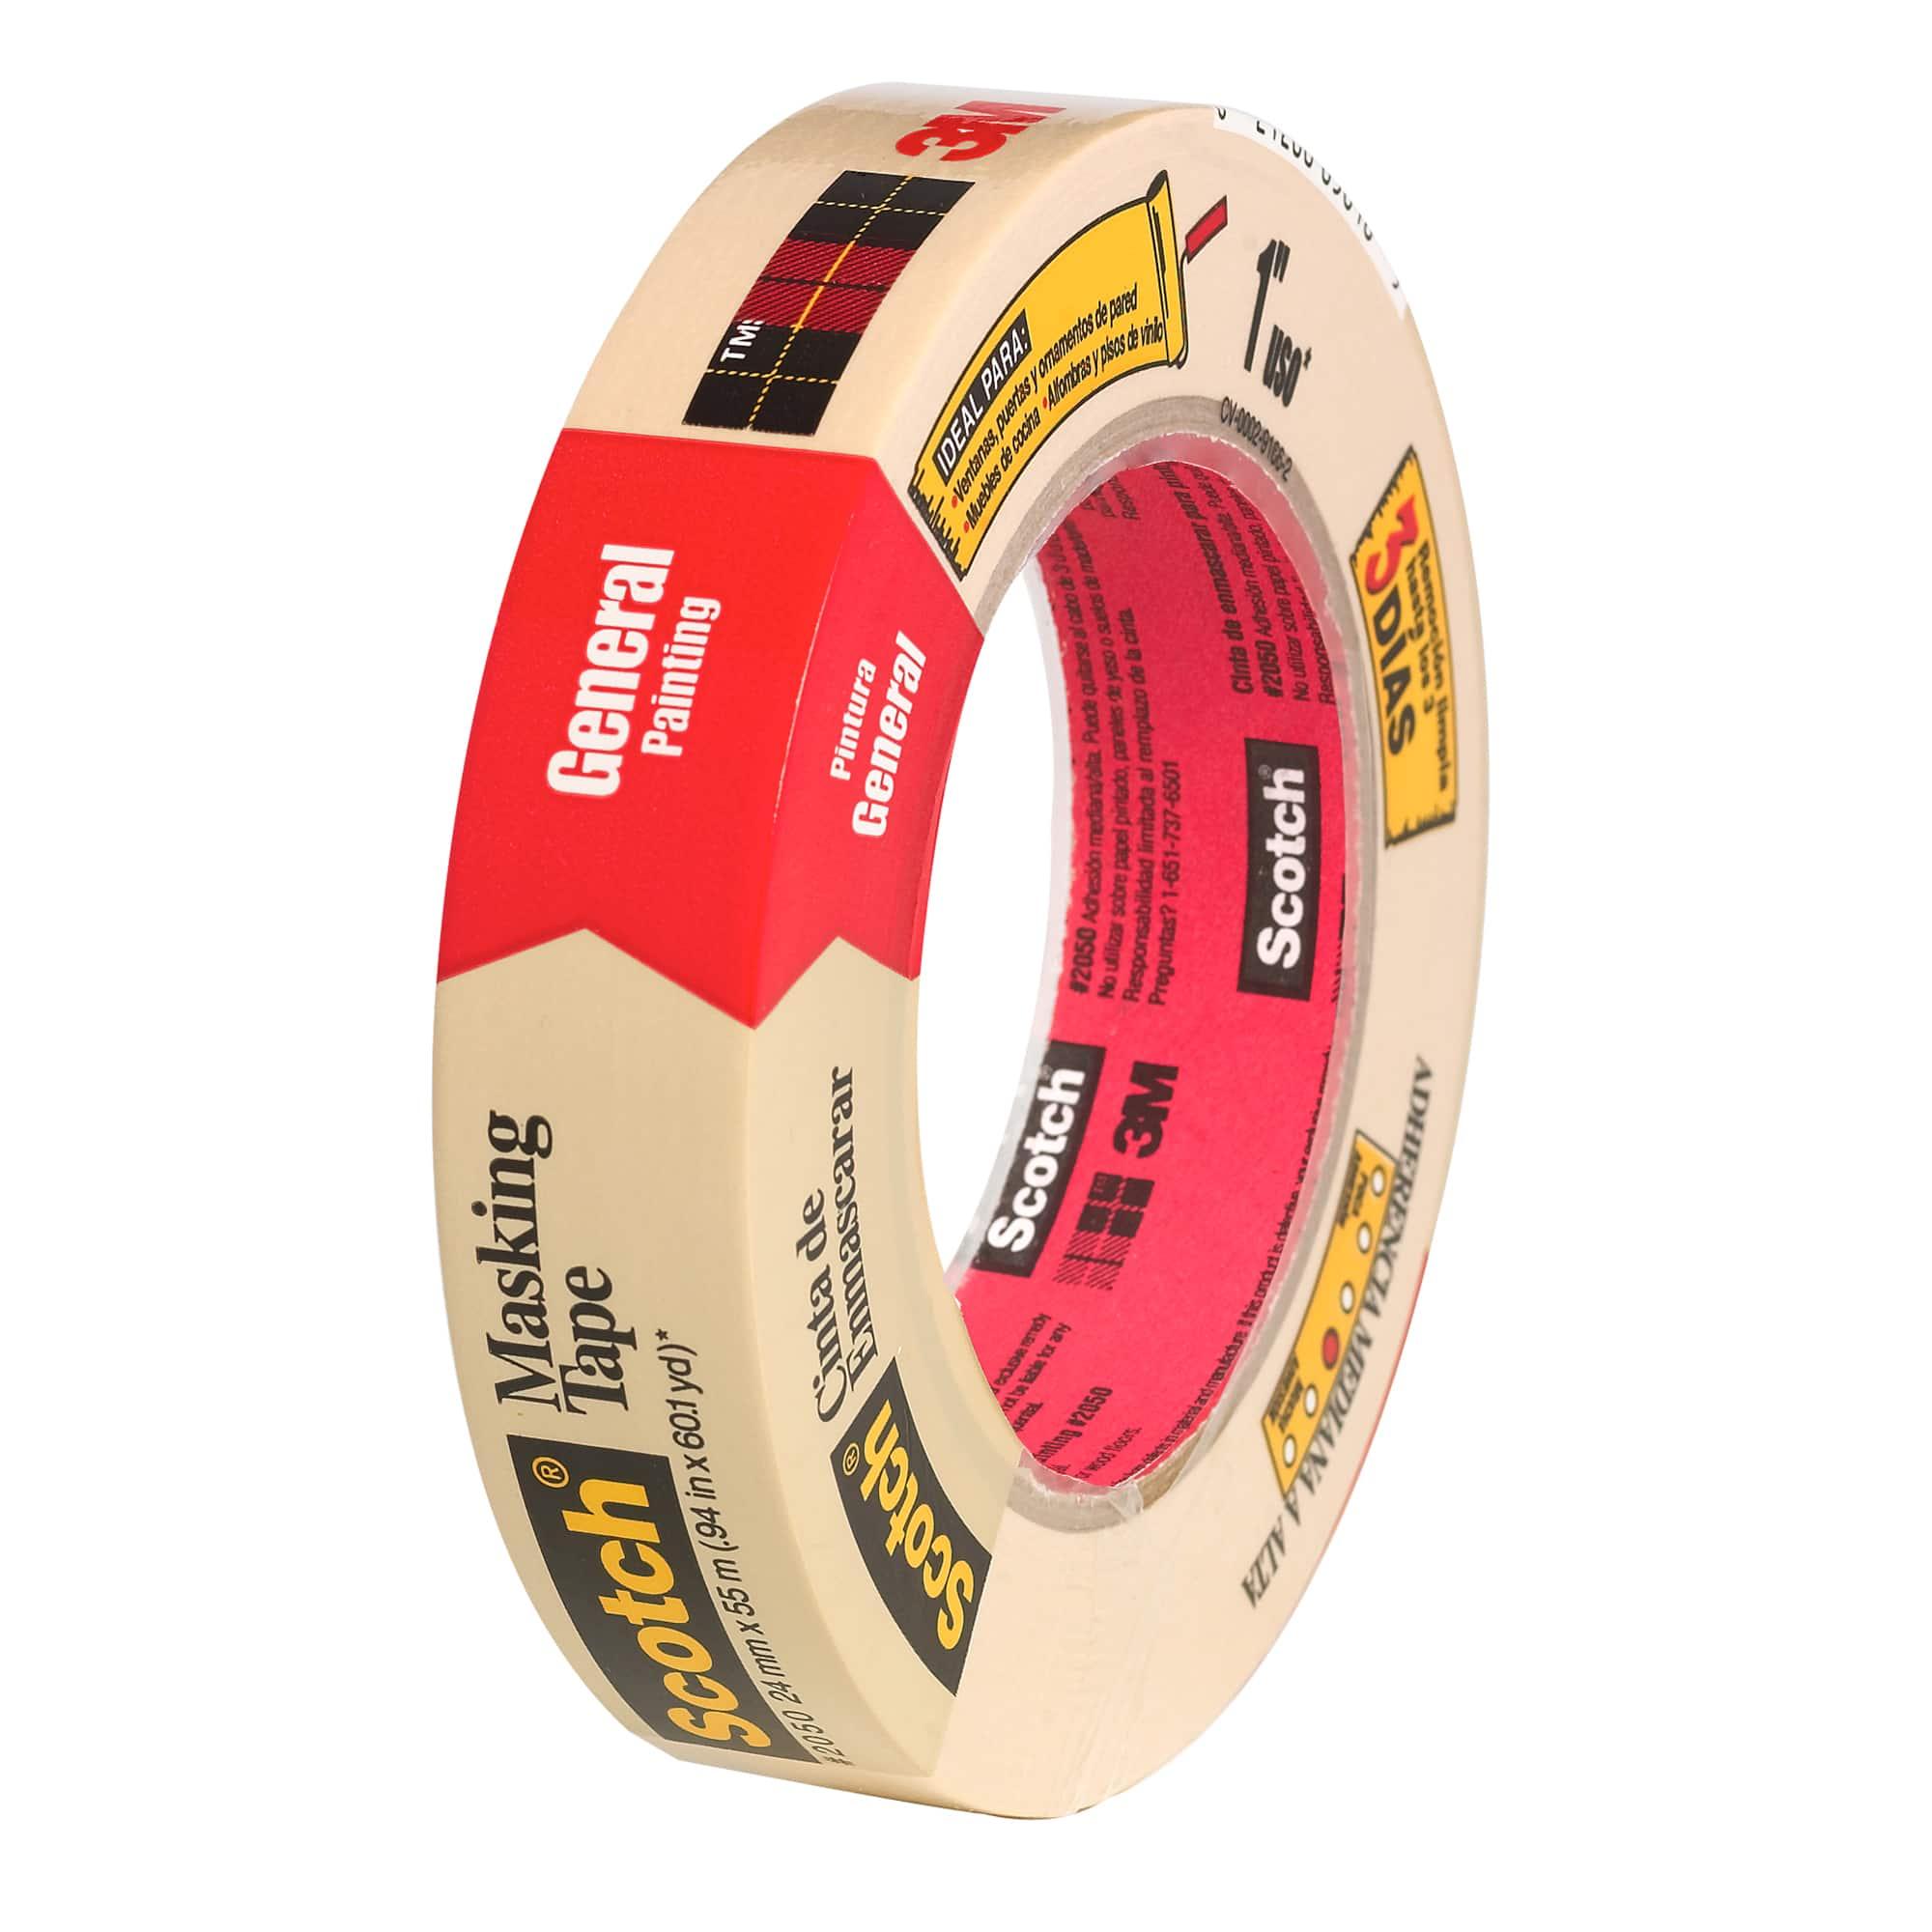 3m 2050 scotch masking tape